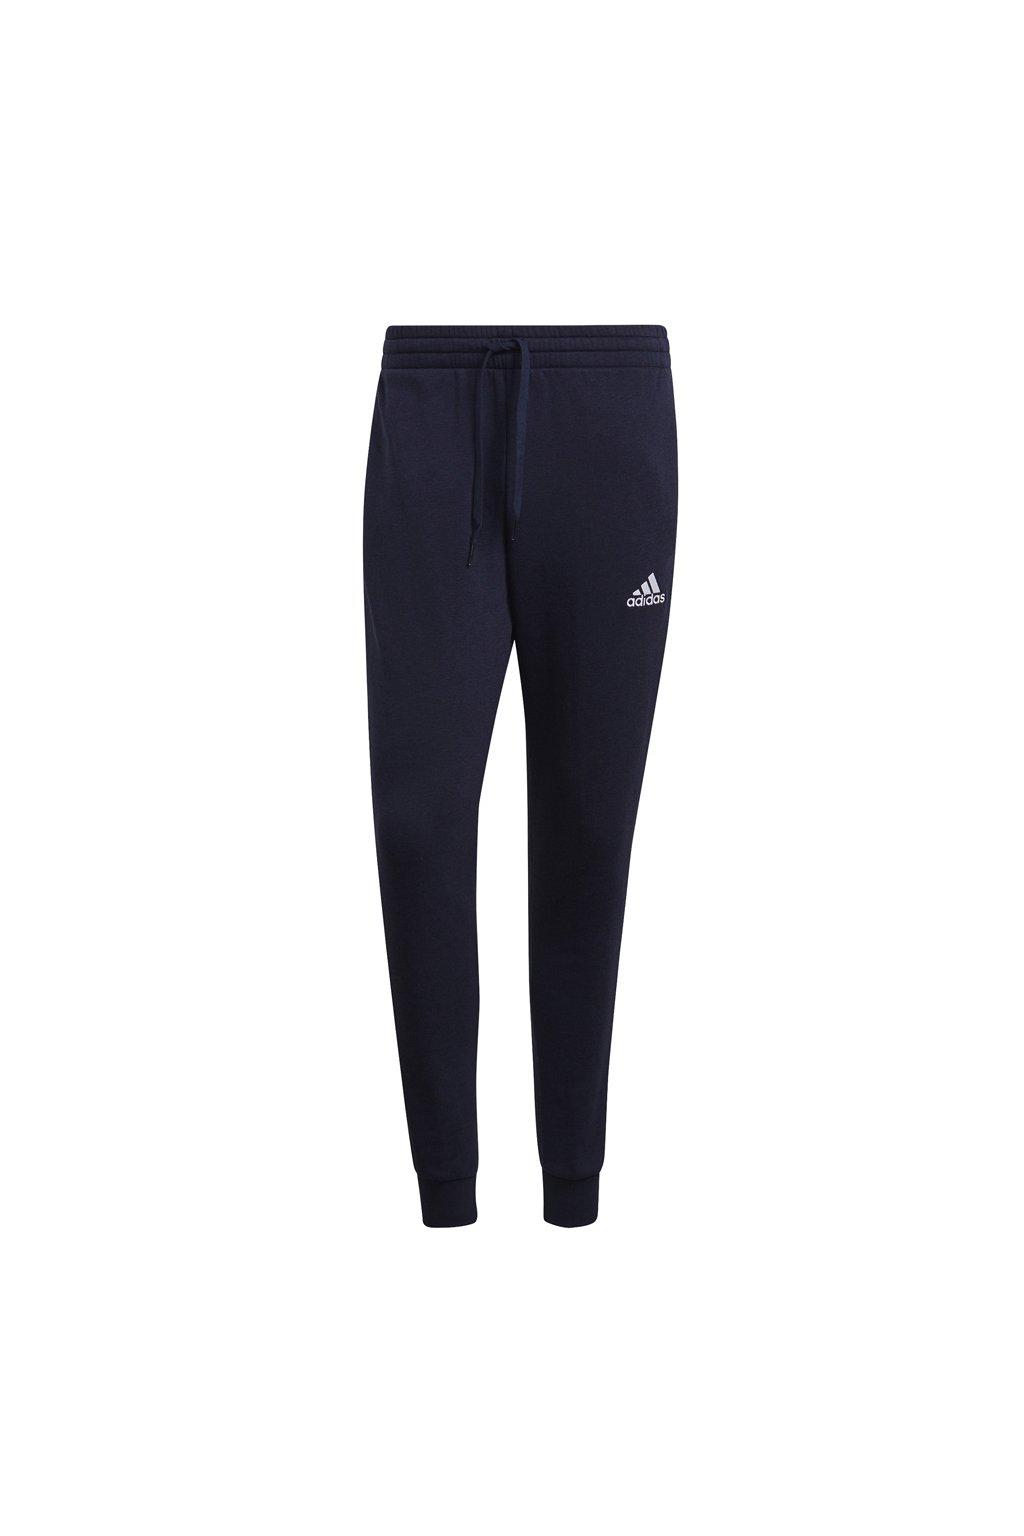 Pánske tepláky adidas Essentials Slim 3 Stripes Pants tmavo modré GM1090